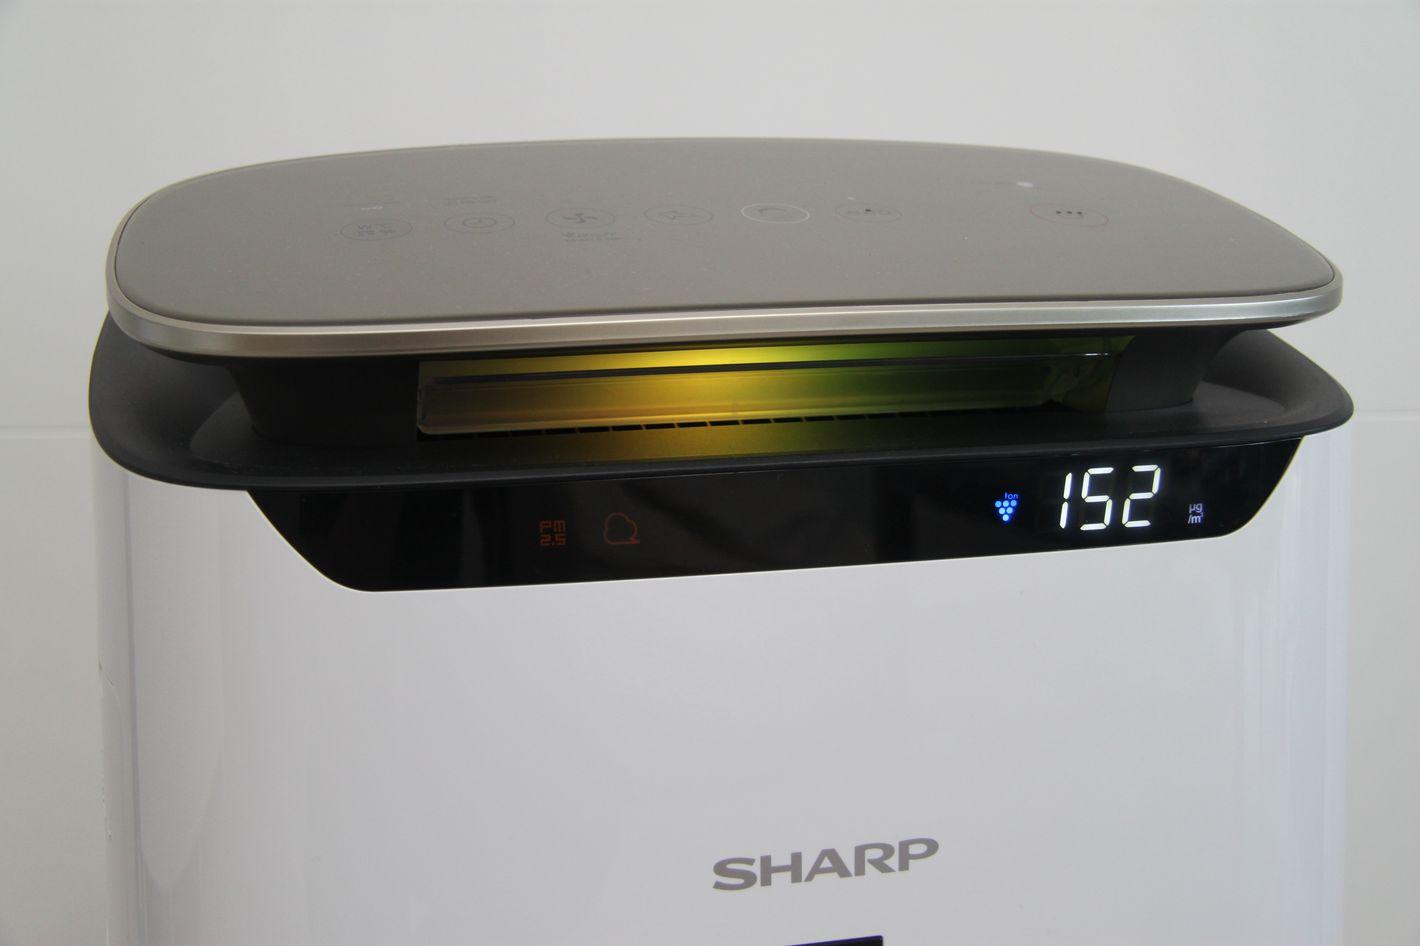 Sharp FP-J80